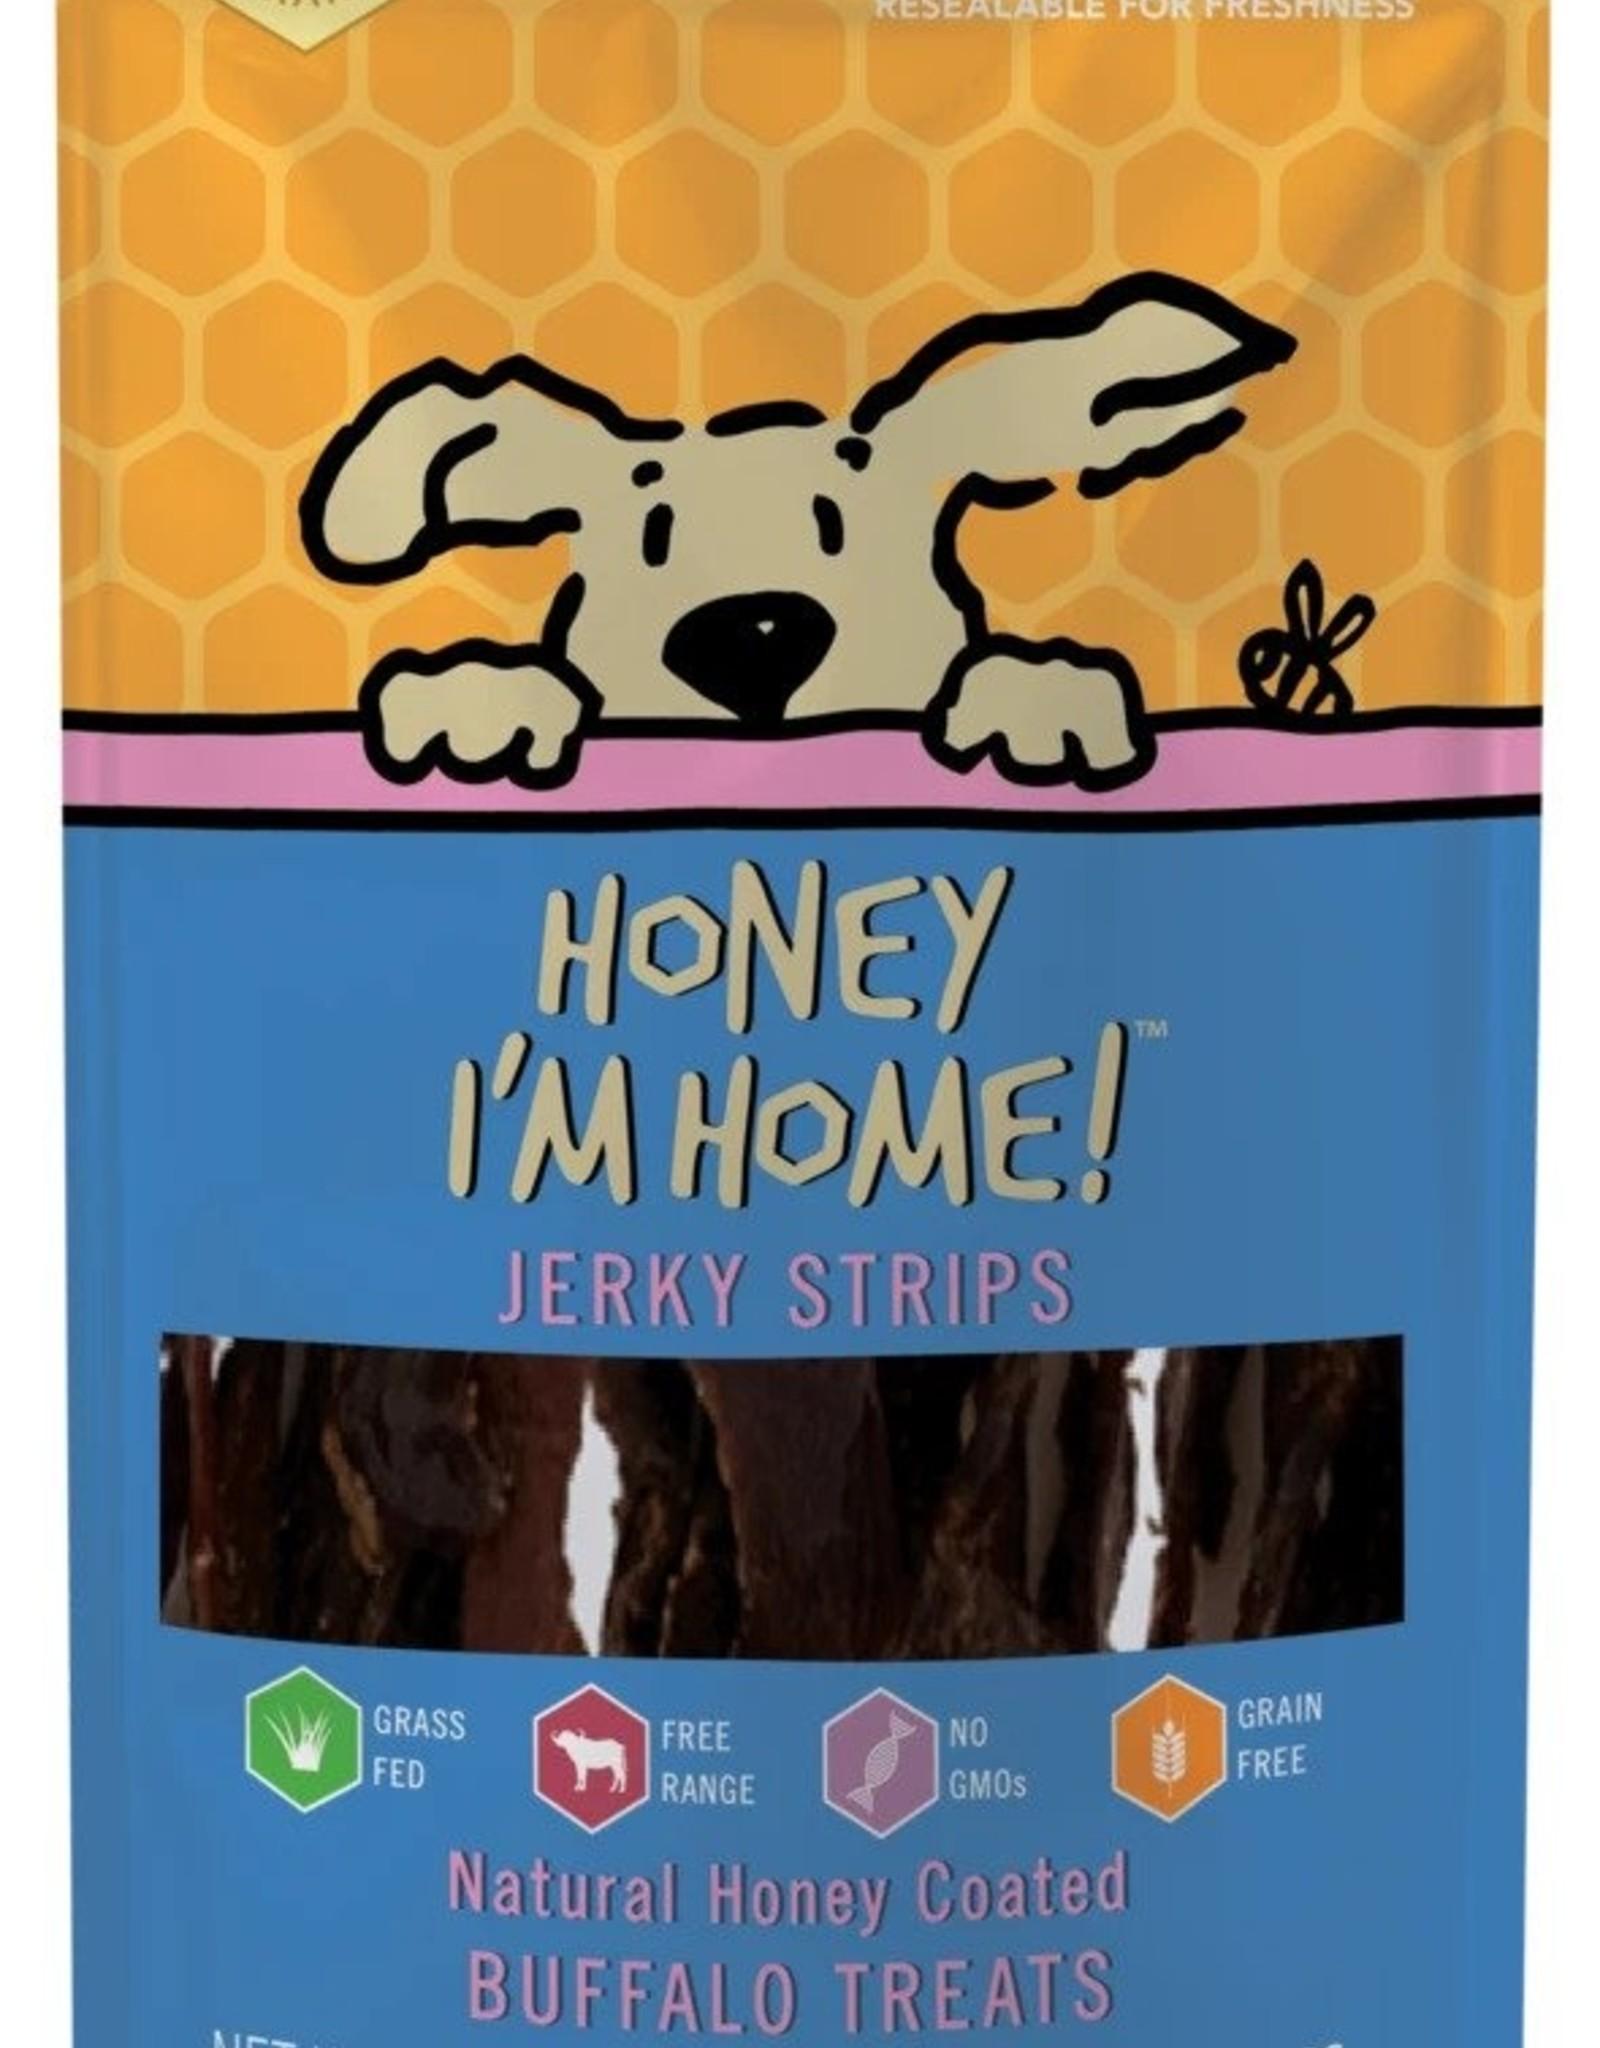 Honey I'm Home Buffalo Jerky Strips